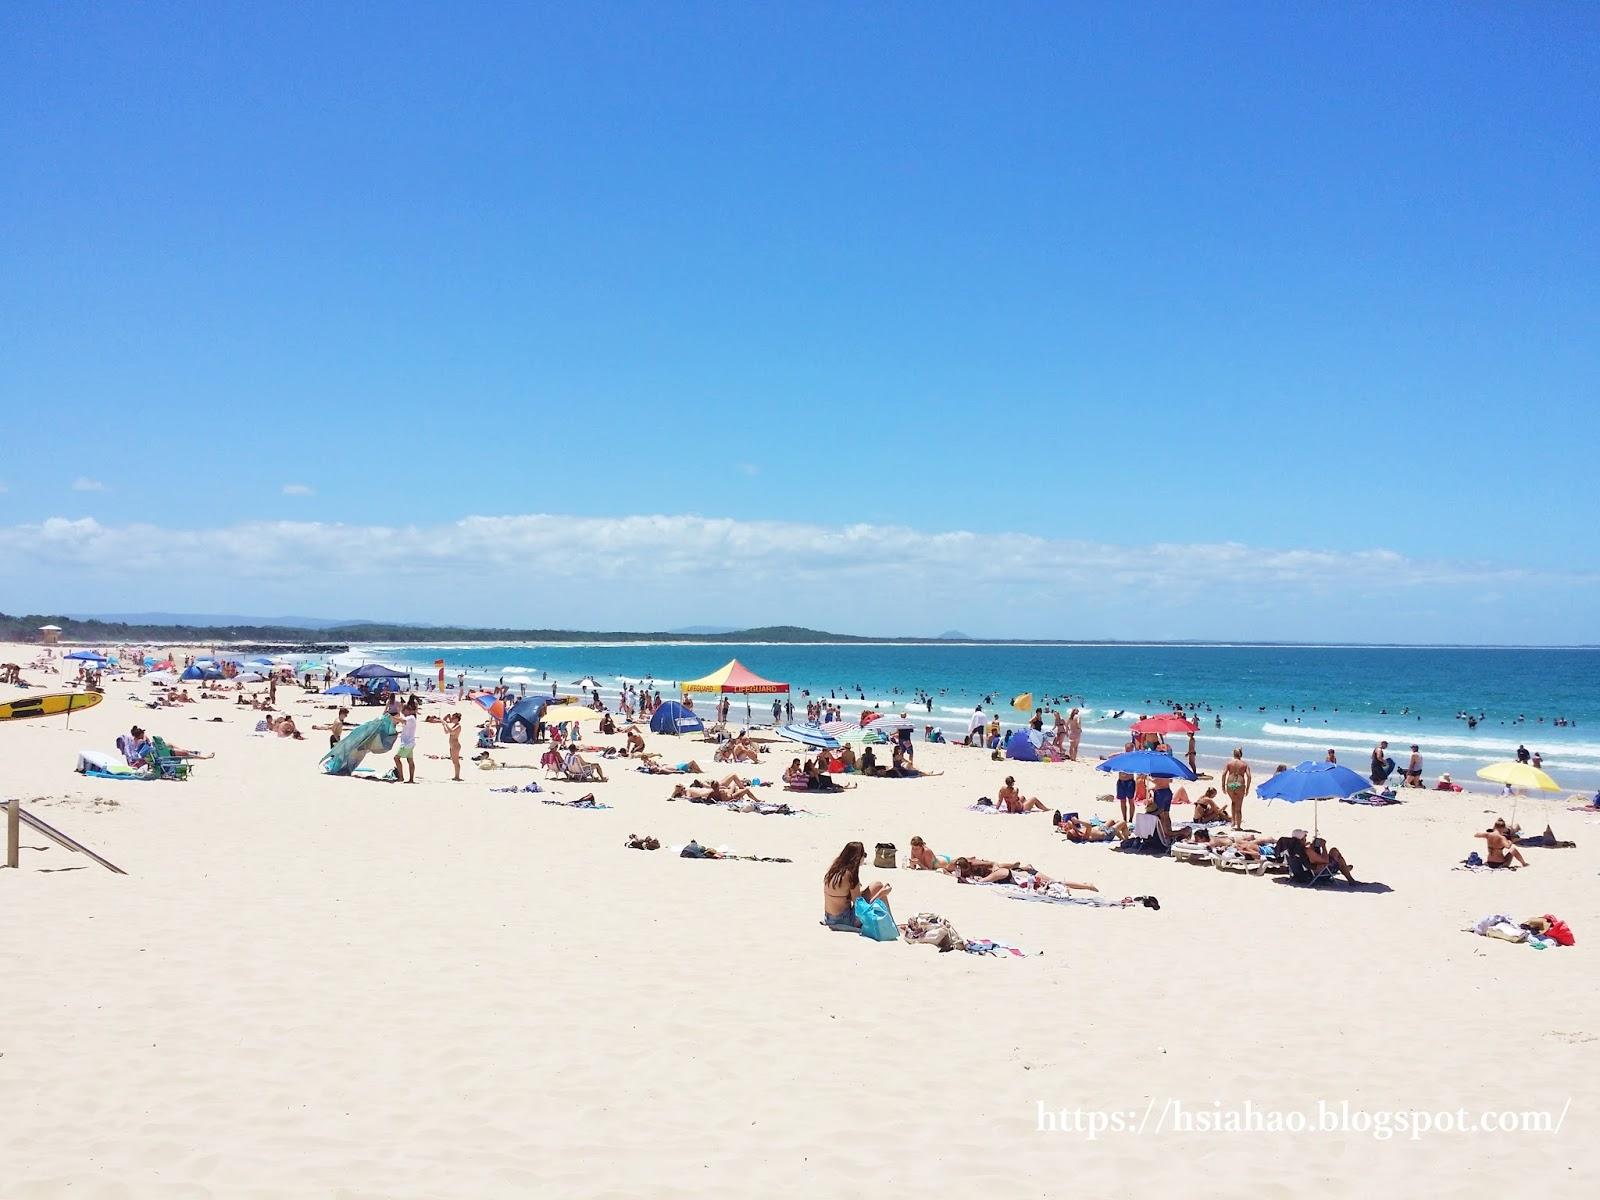 布里斯本-陽光海岸-努沙-Noosa-努沙海灘-努沙國家公園-一日遊-二日遊-遊記-景點-住宿-Main-Beach-National-Park-Sunshine-Coast